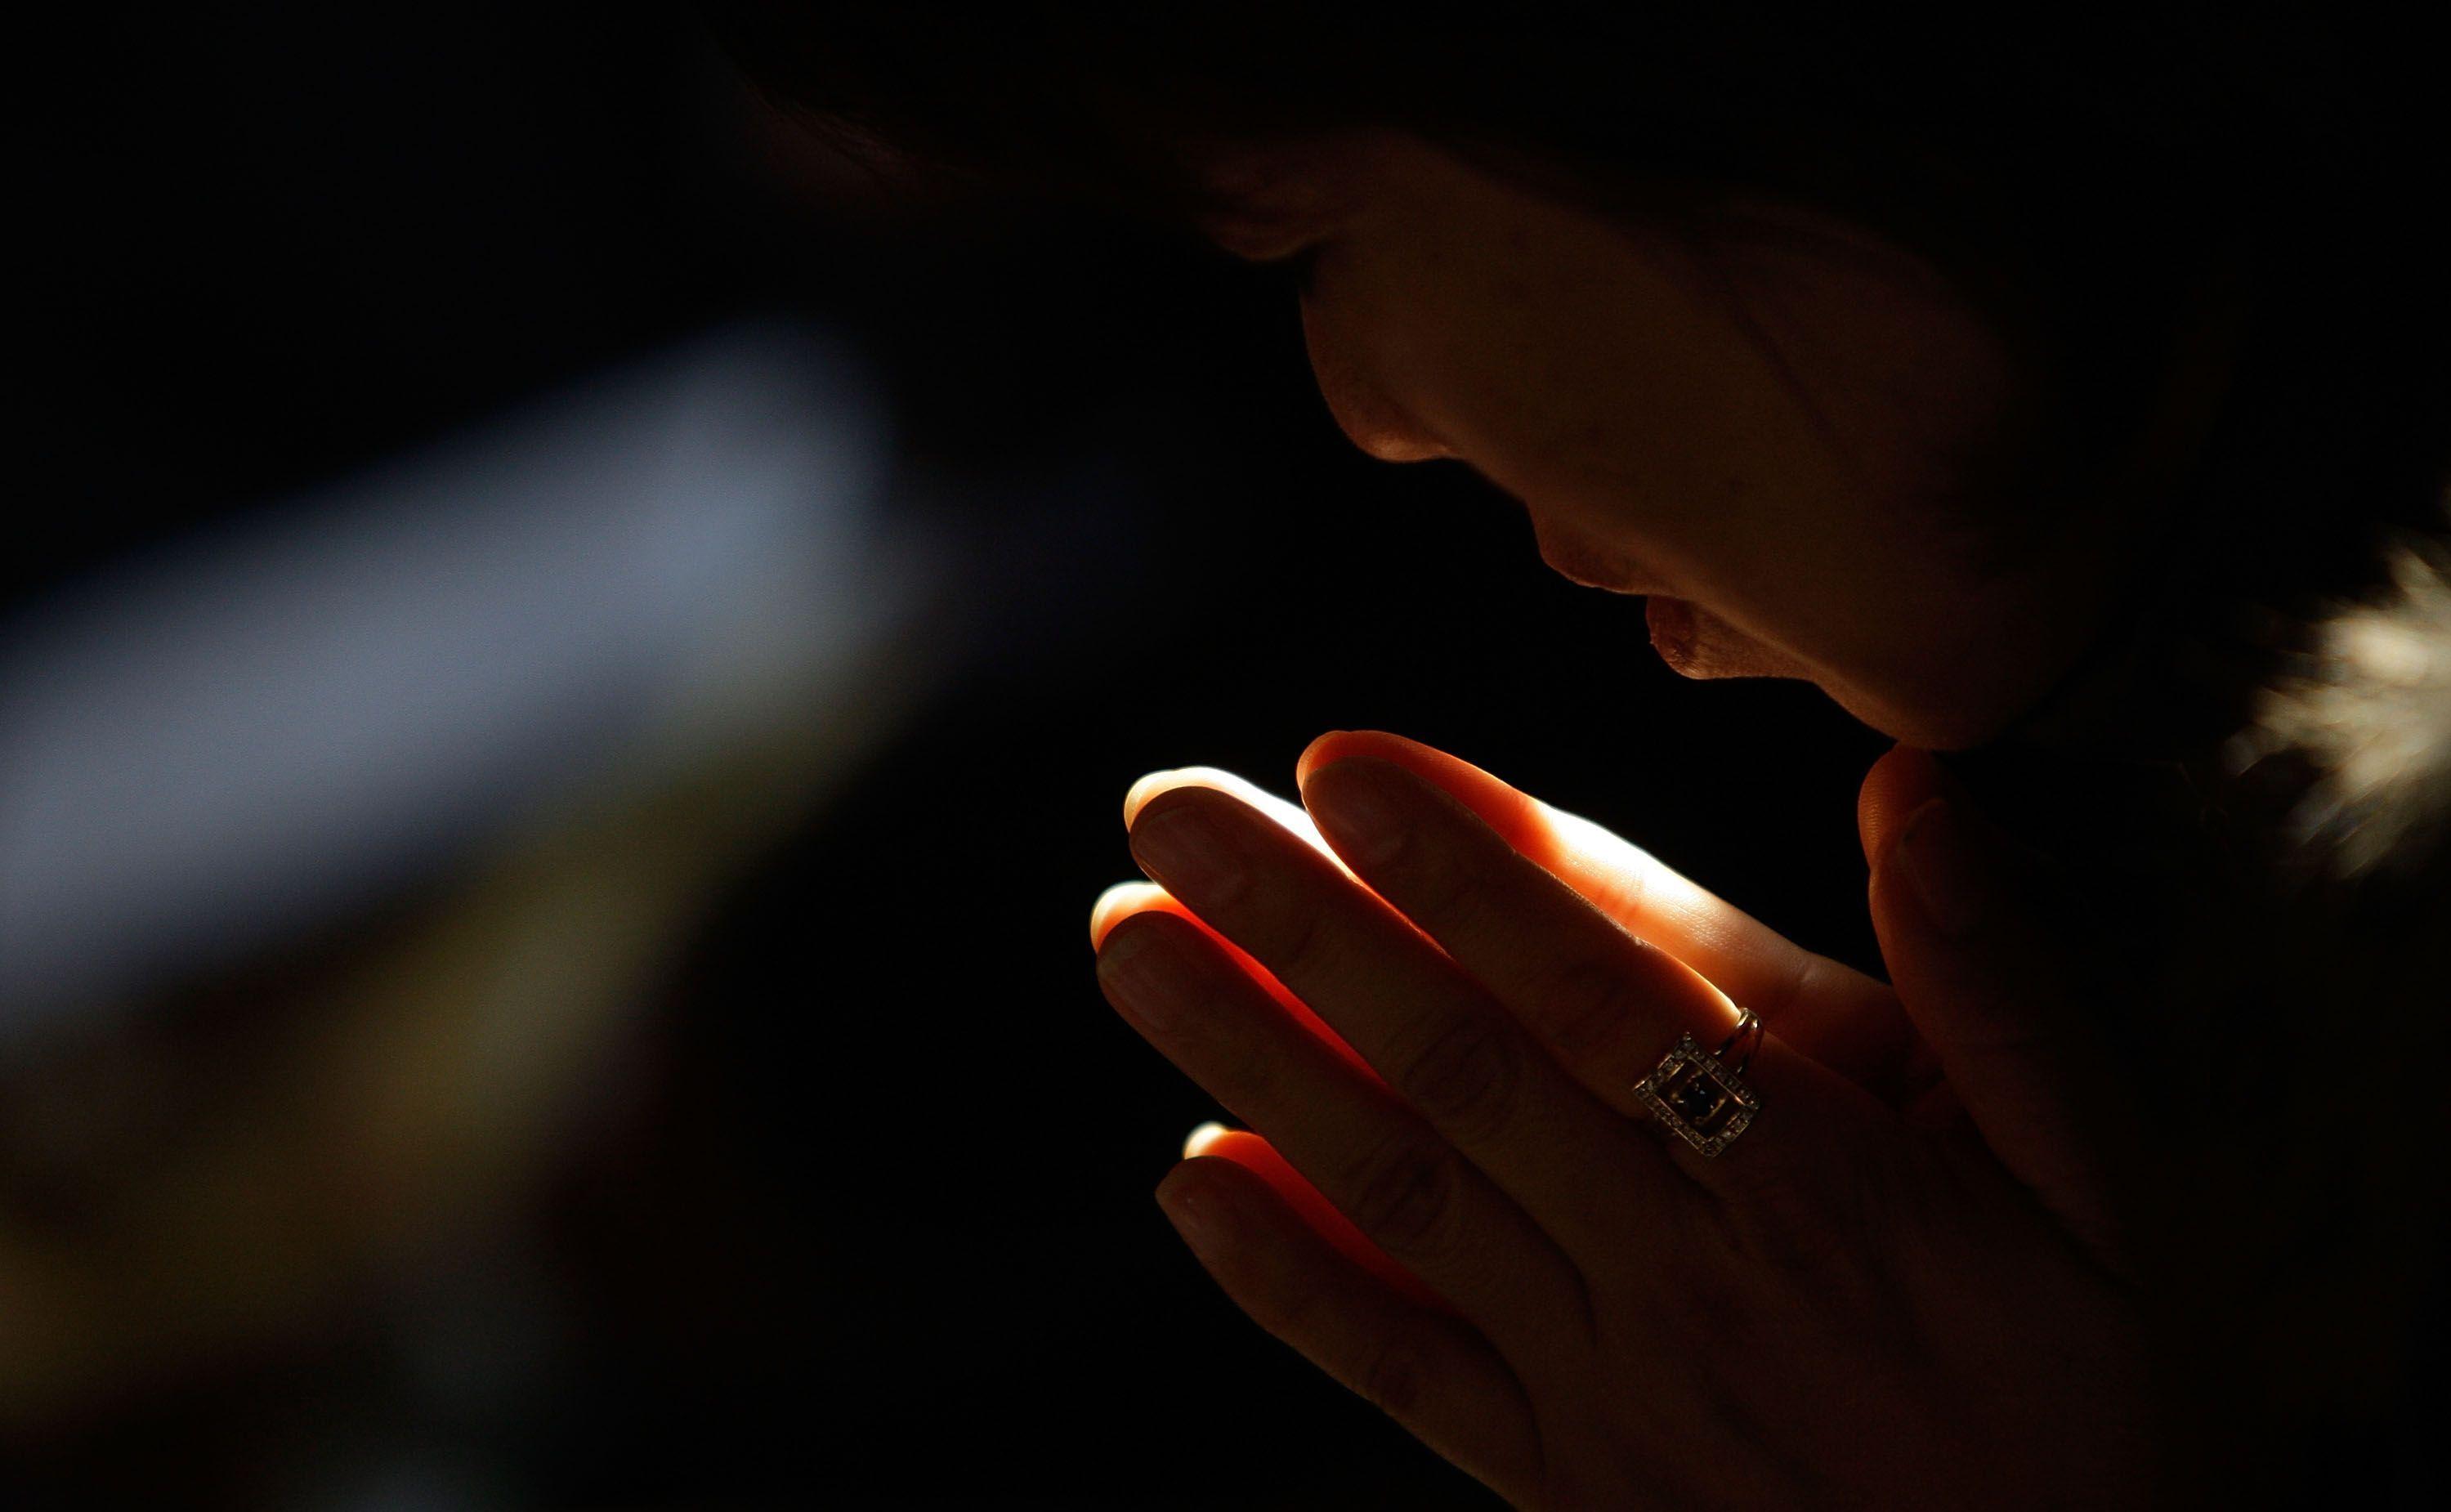 No Teu Quarto, o Segredo da Oração Secreta - Estudos Bíblicos